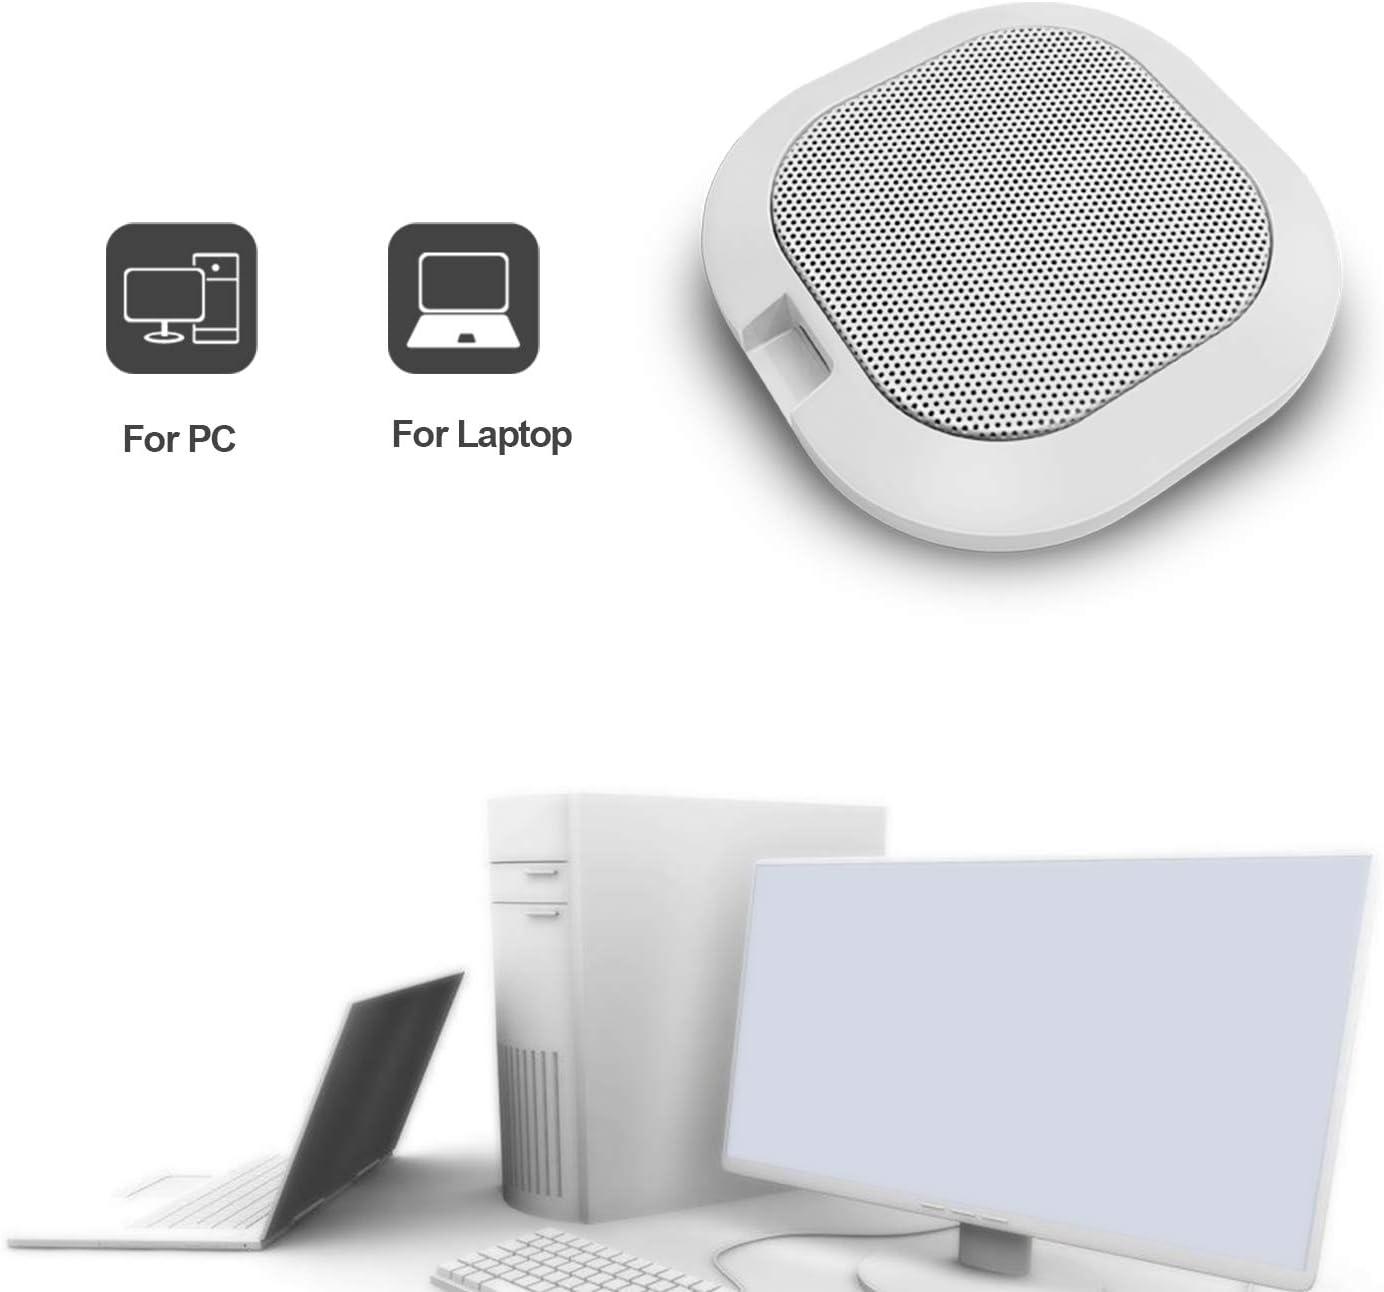 tragbarer Tisch f/ür Windows Computer Wei/ß Plug-Play Desktop Omnidirektionales Computermikrofon mit hoher Empfindlichkeit Meeting 42 dB